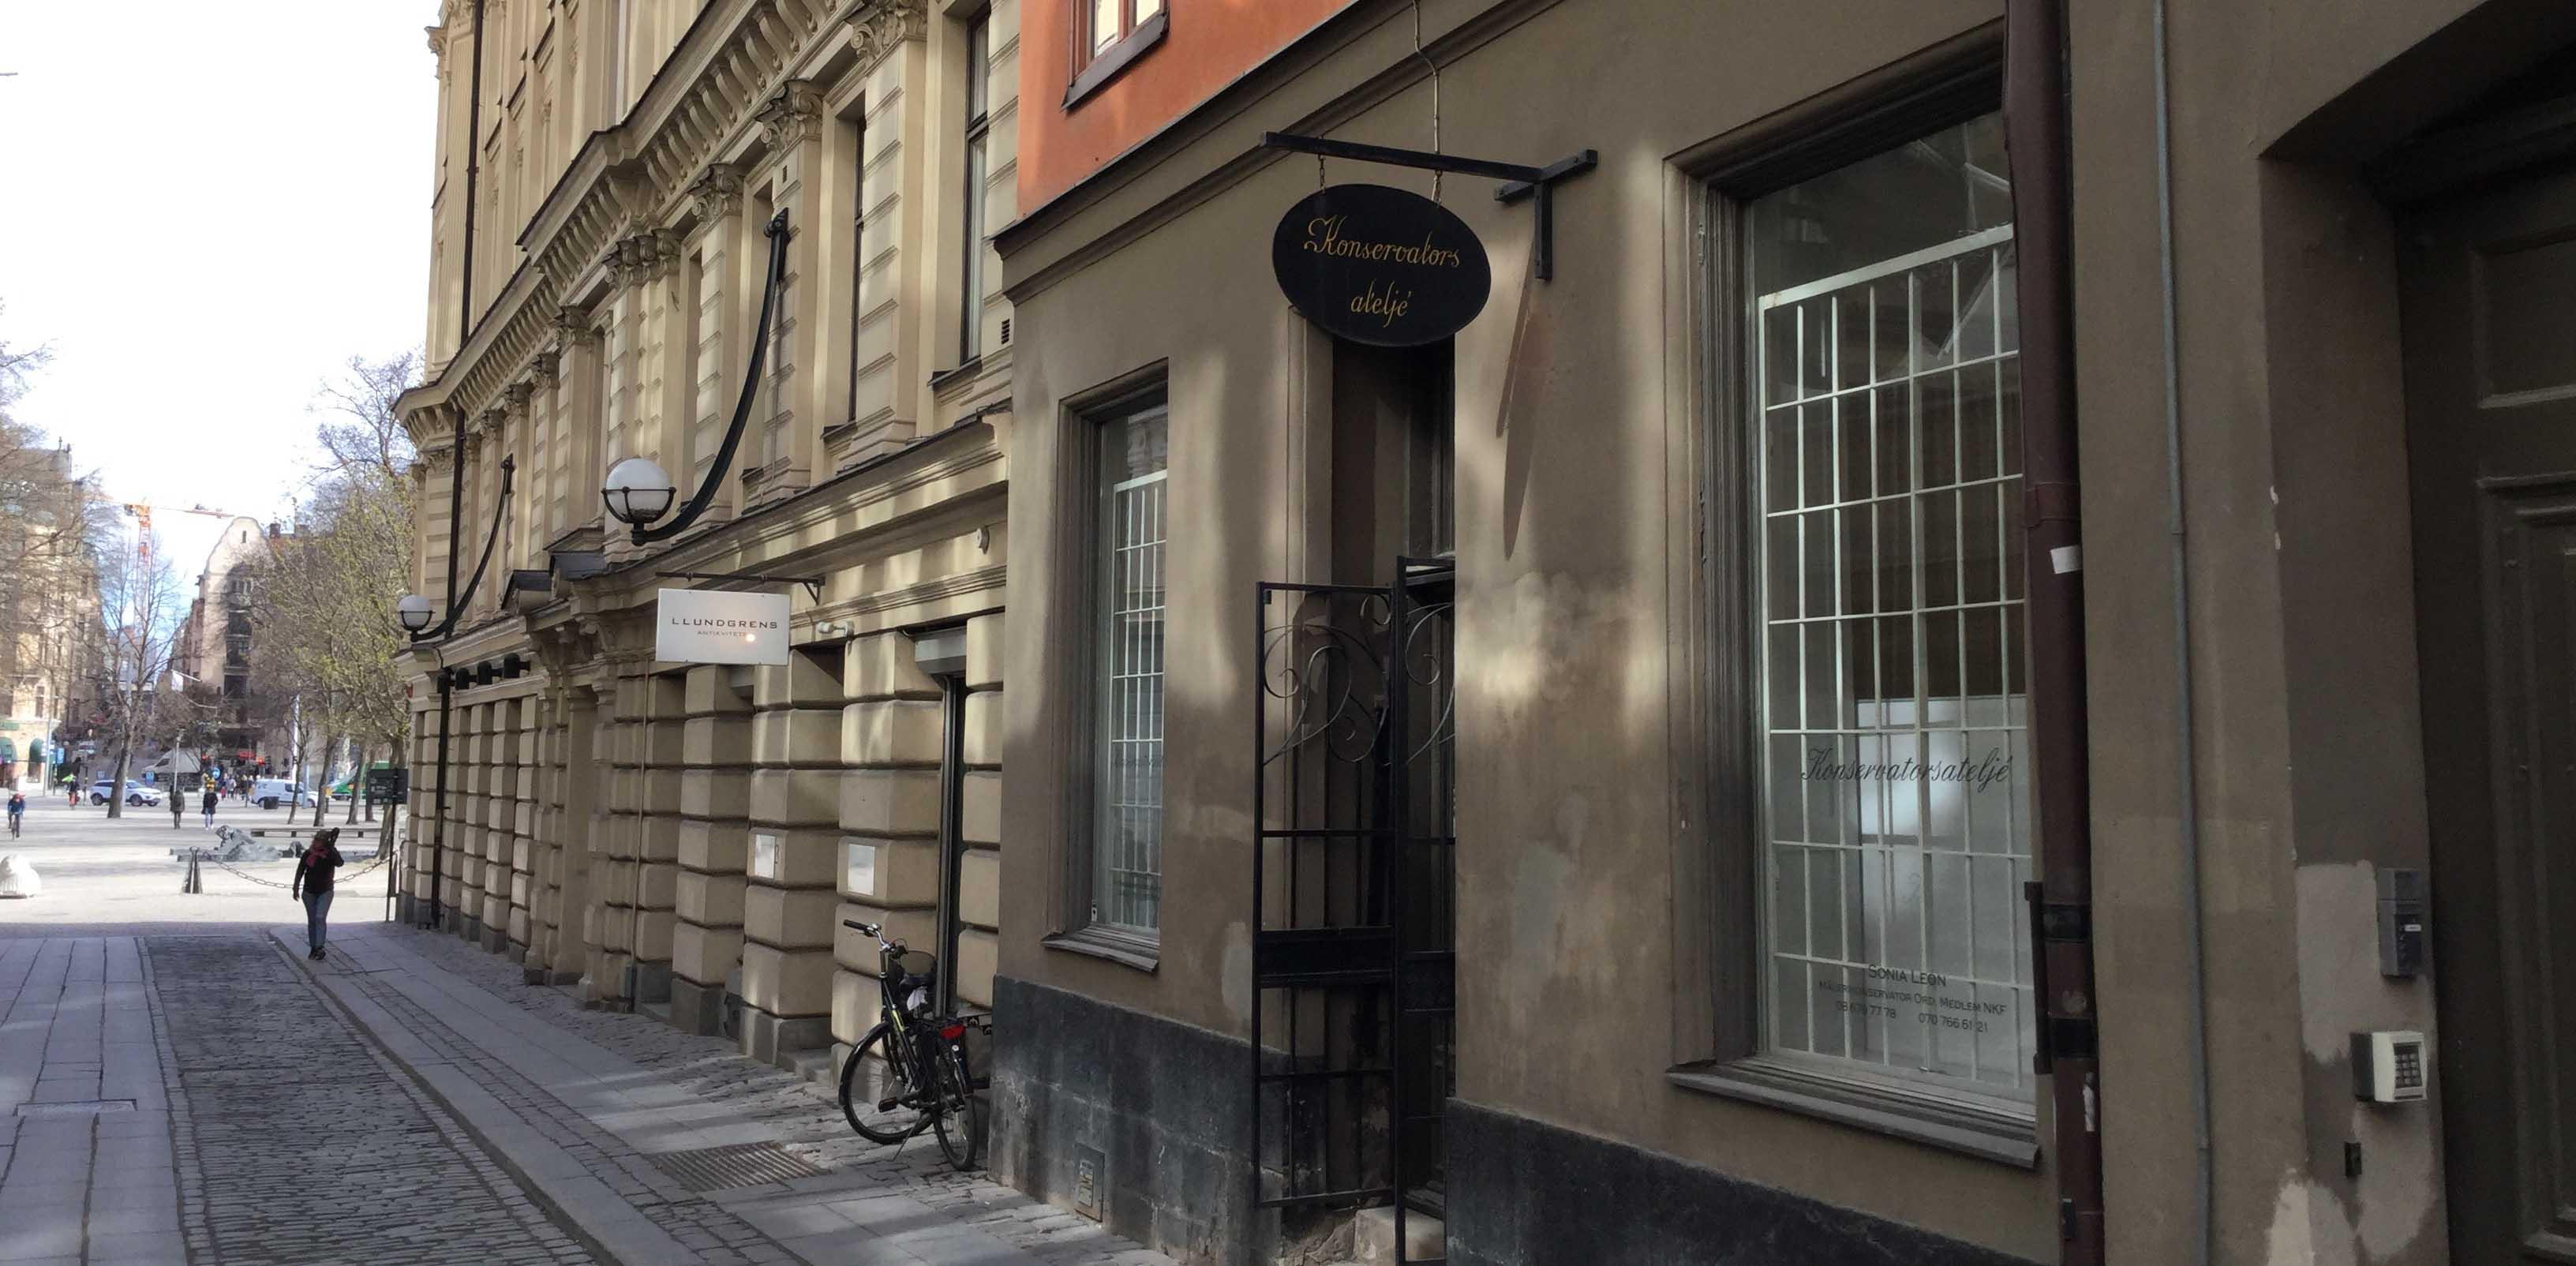 få hjälp av en konservator i Stockholm